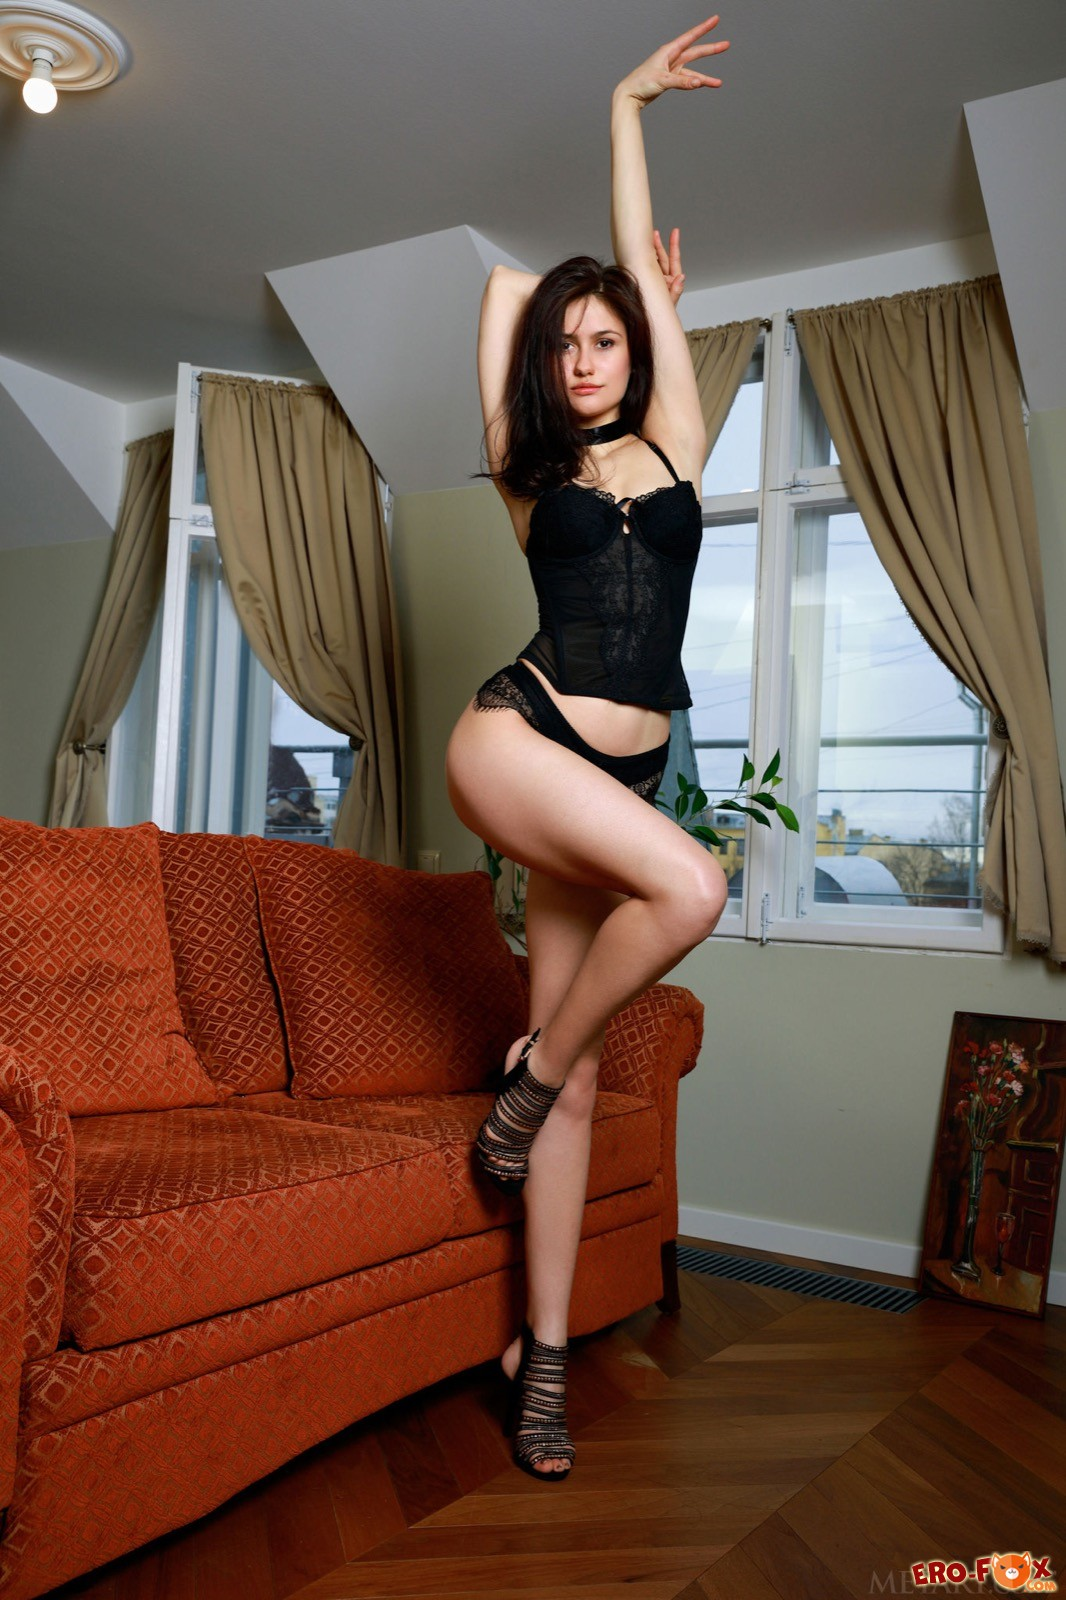 Голая стройная девушка с красивым телом